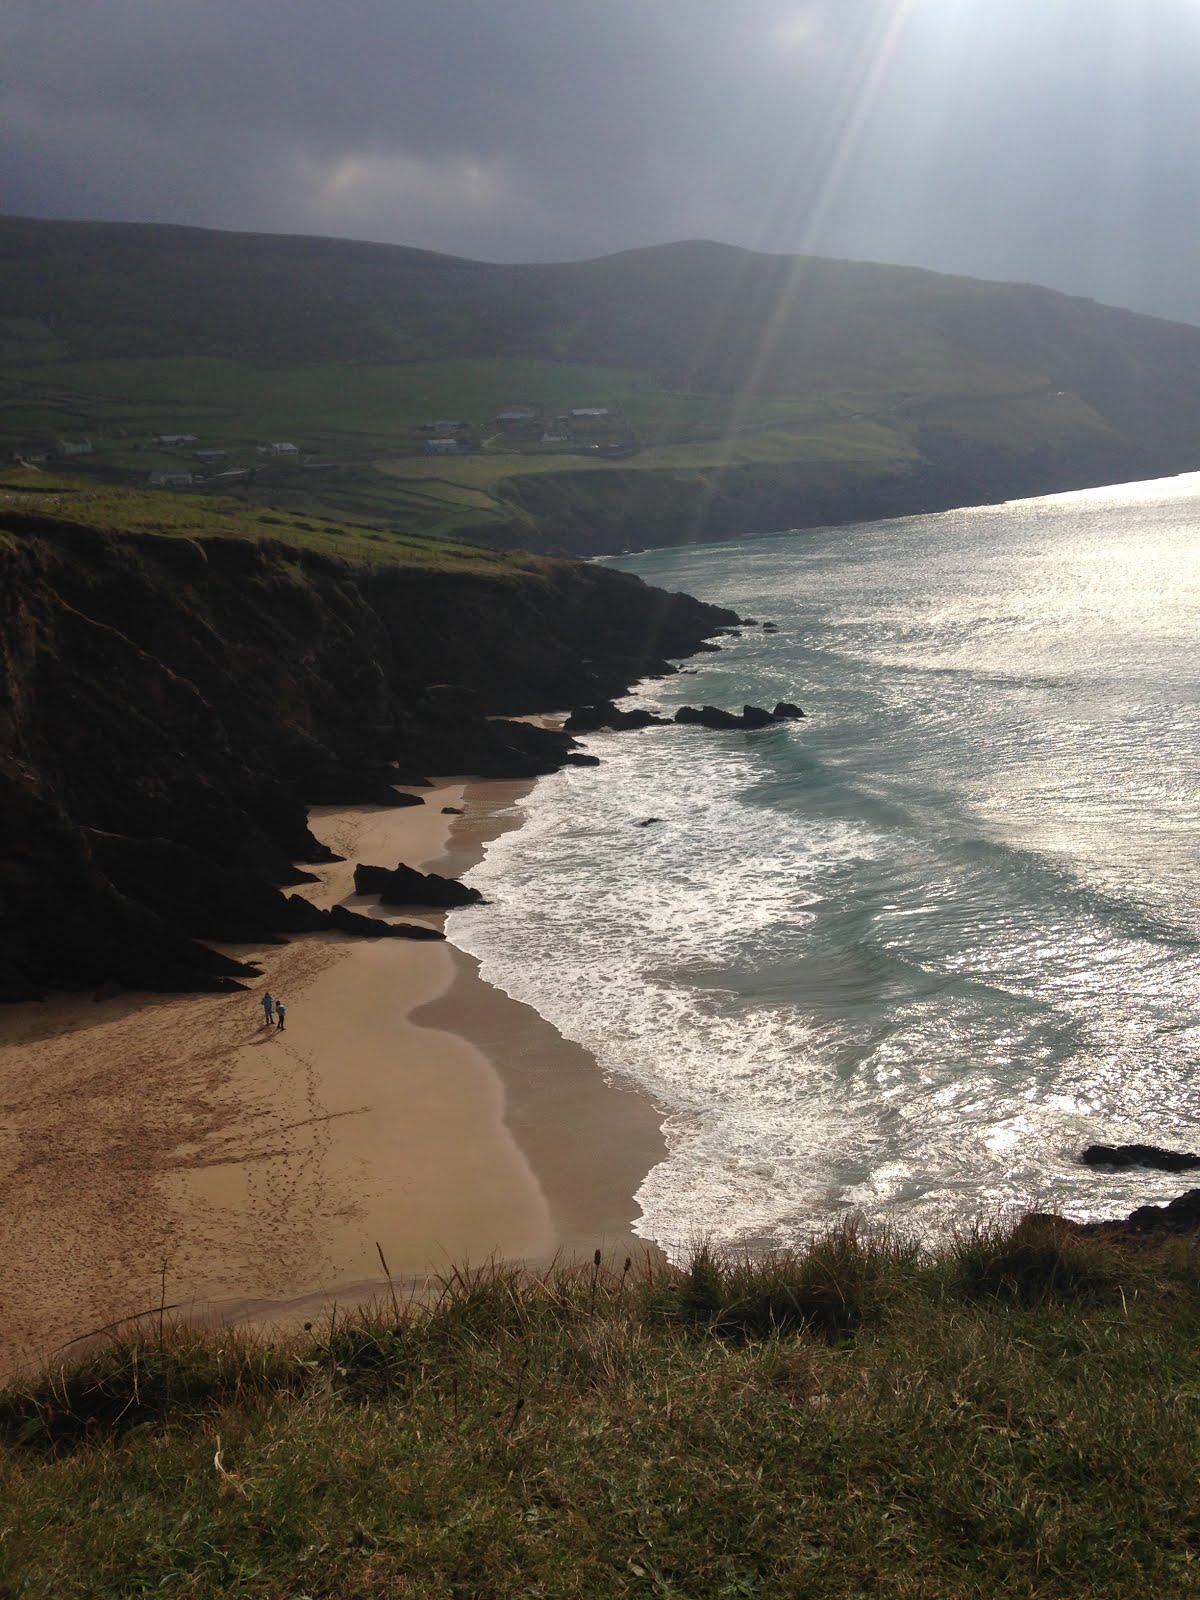 My life in Ireland